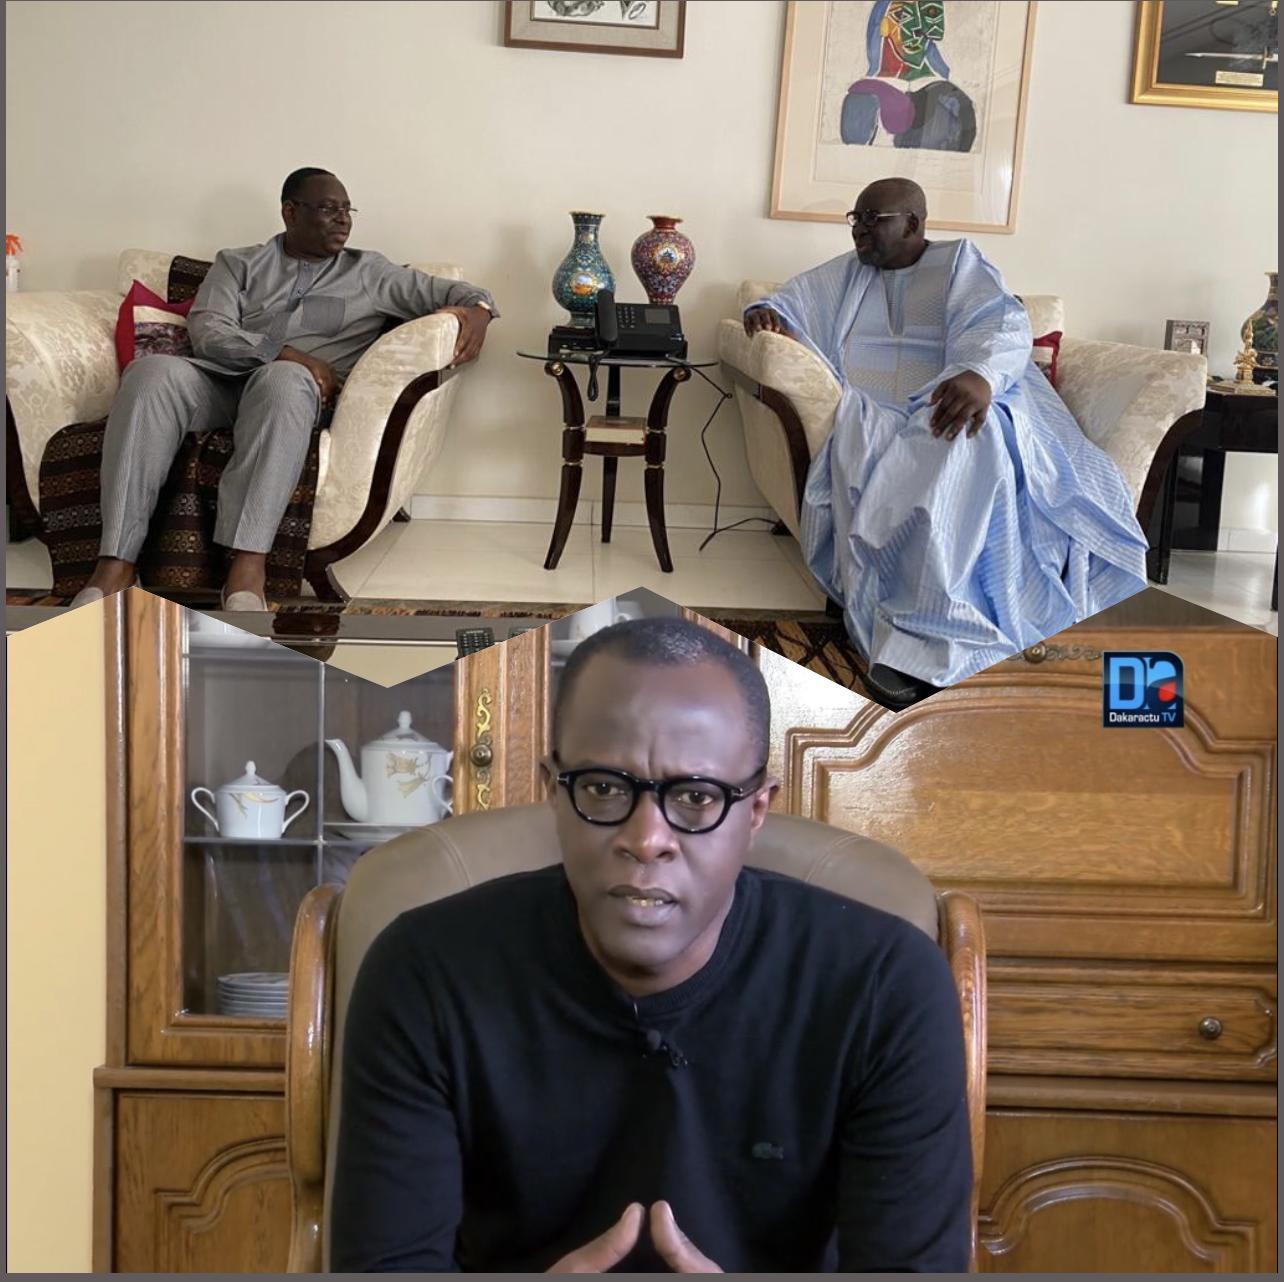 Après leur terrible confrontation : Moustapha Cissé fait la paix avec Yakham Mbaye et retrouve Macky Sall.